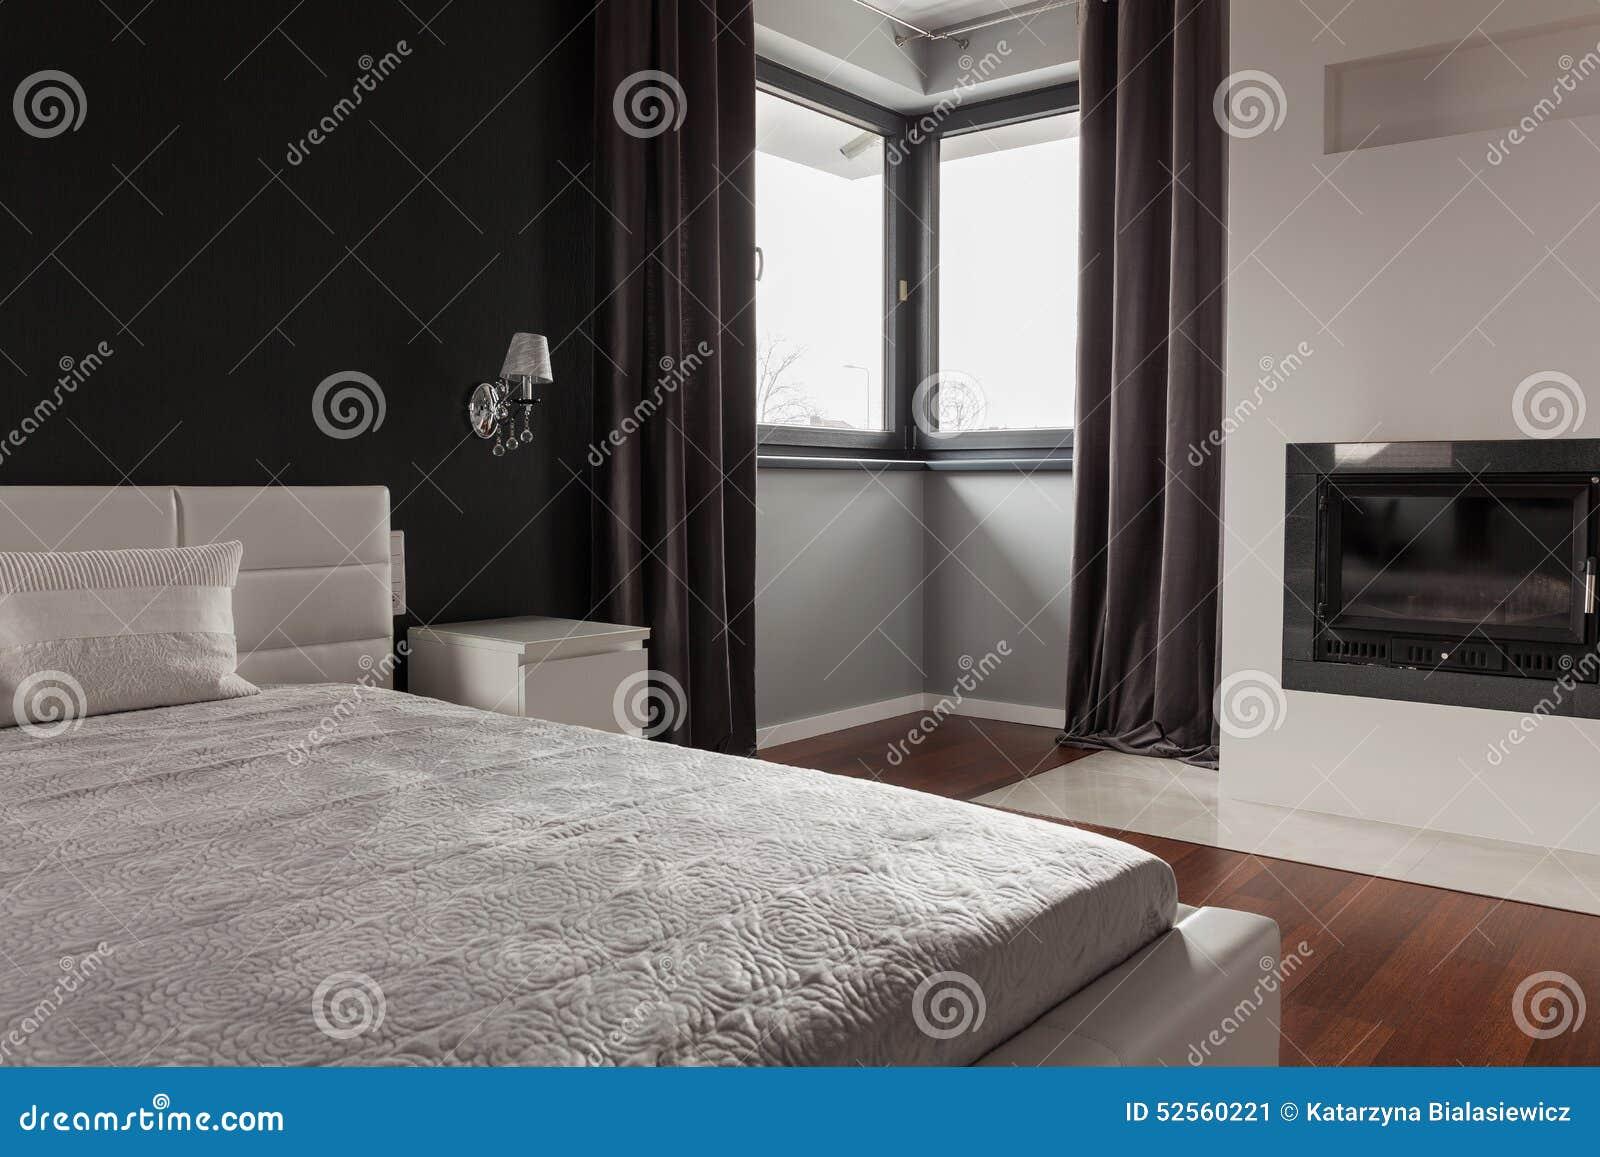 Exklusives Schlafzimmer Im Modernen Wohnsitz Stockbild - Bild von ...